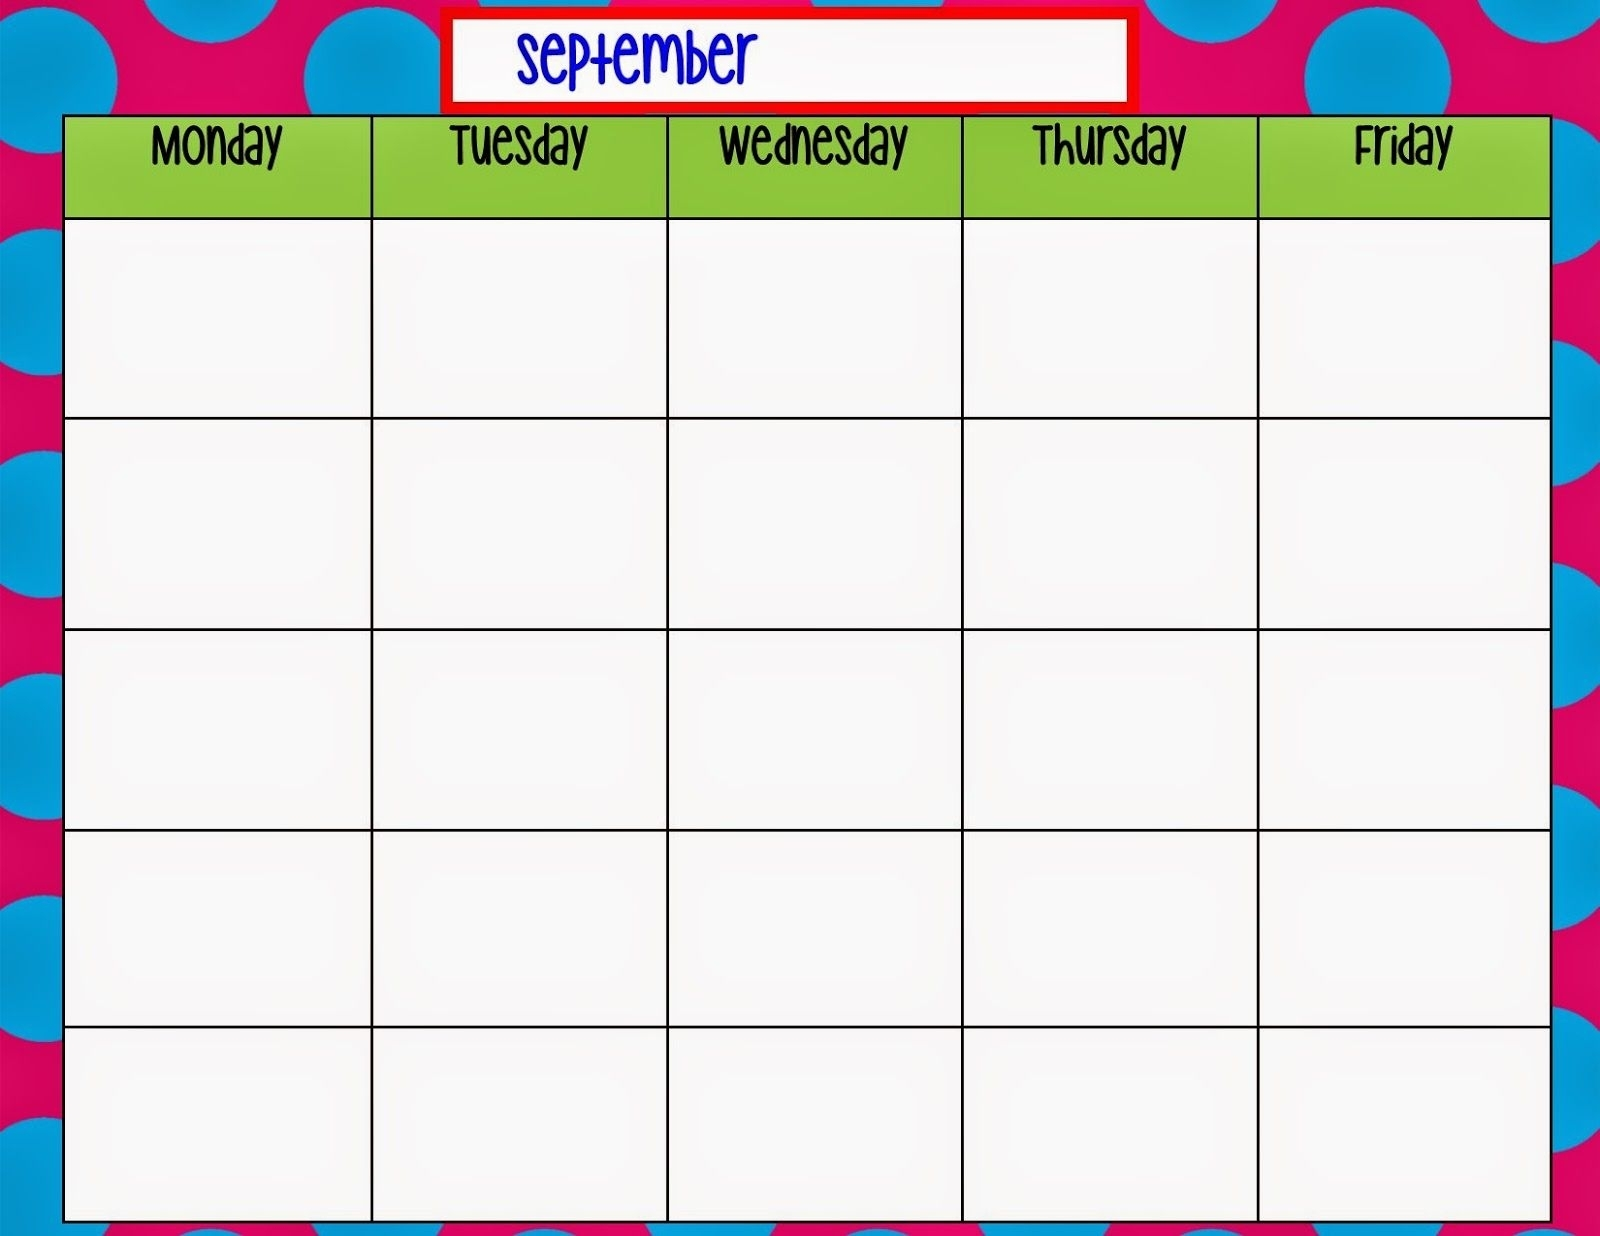 Monday Through Friday Calendar Template | Preschool | Printable in Weekly Blank Calendar Monday Through Friday